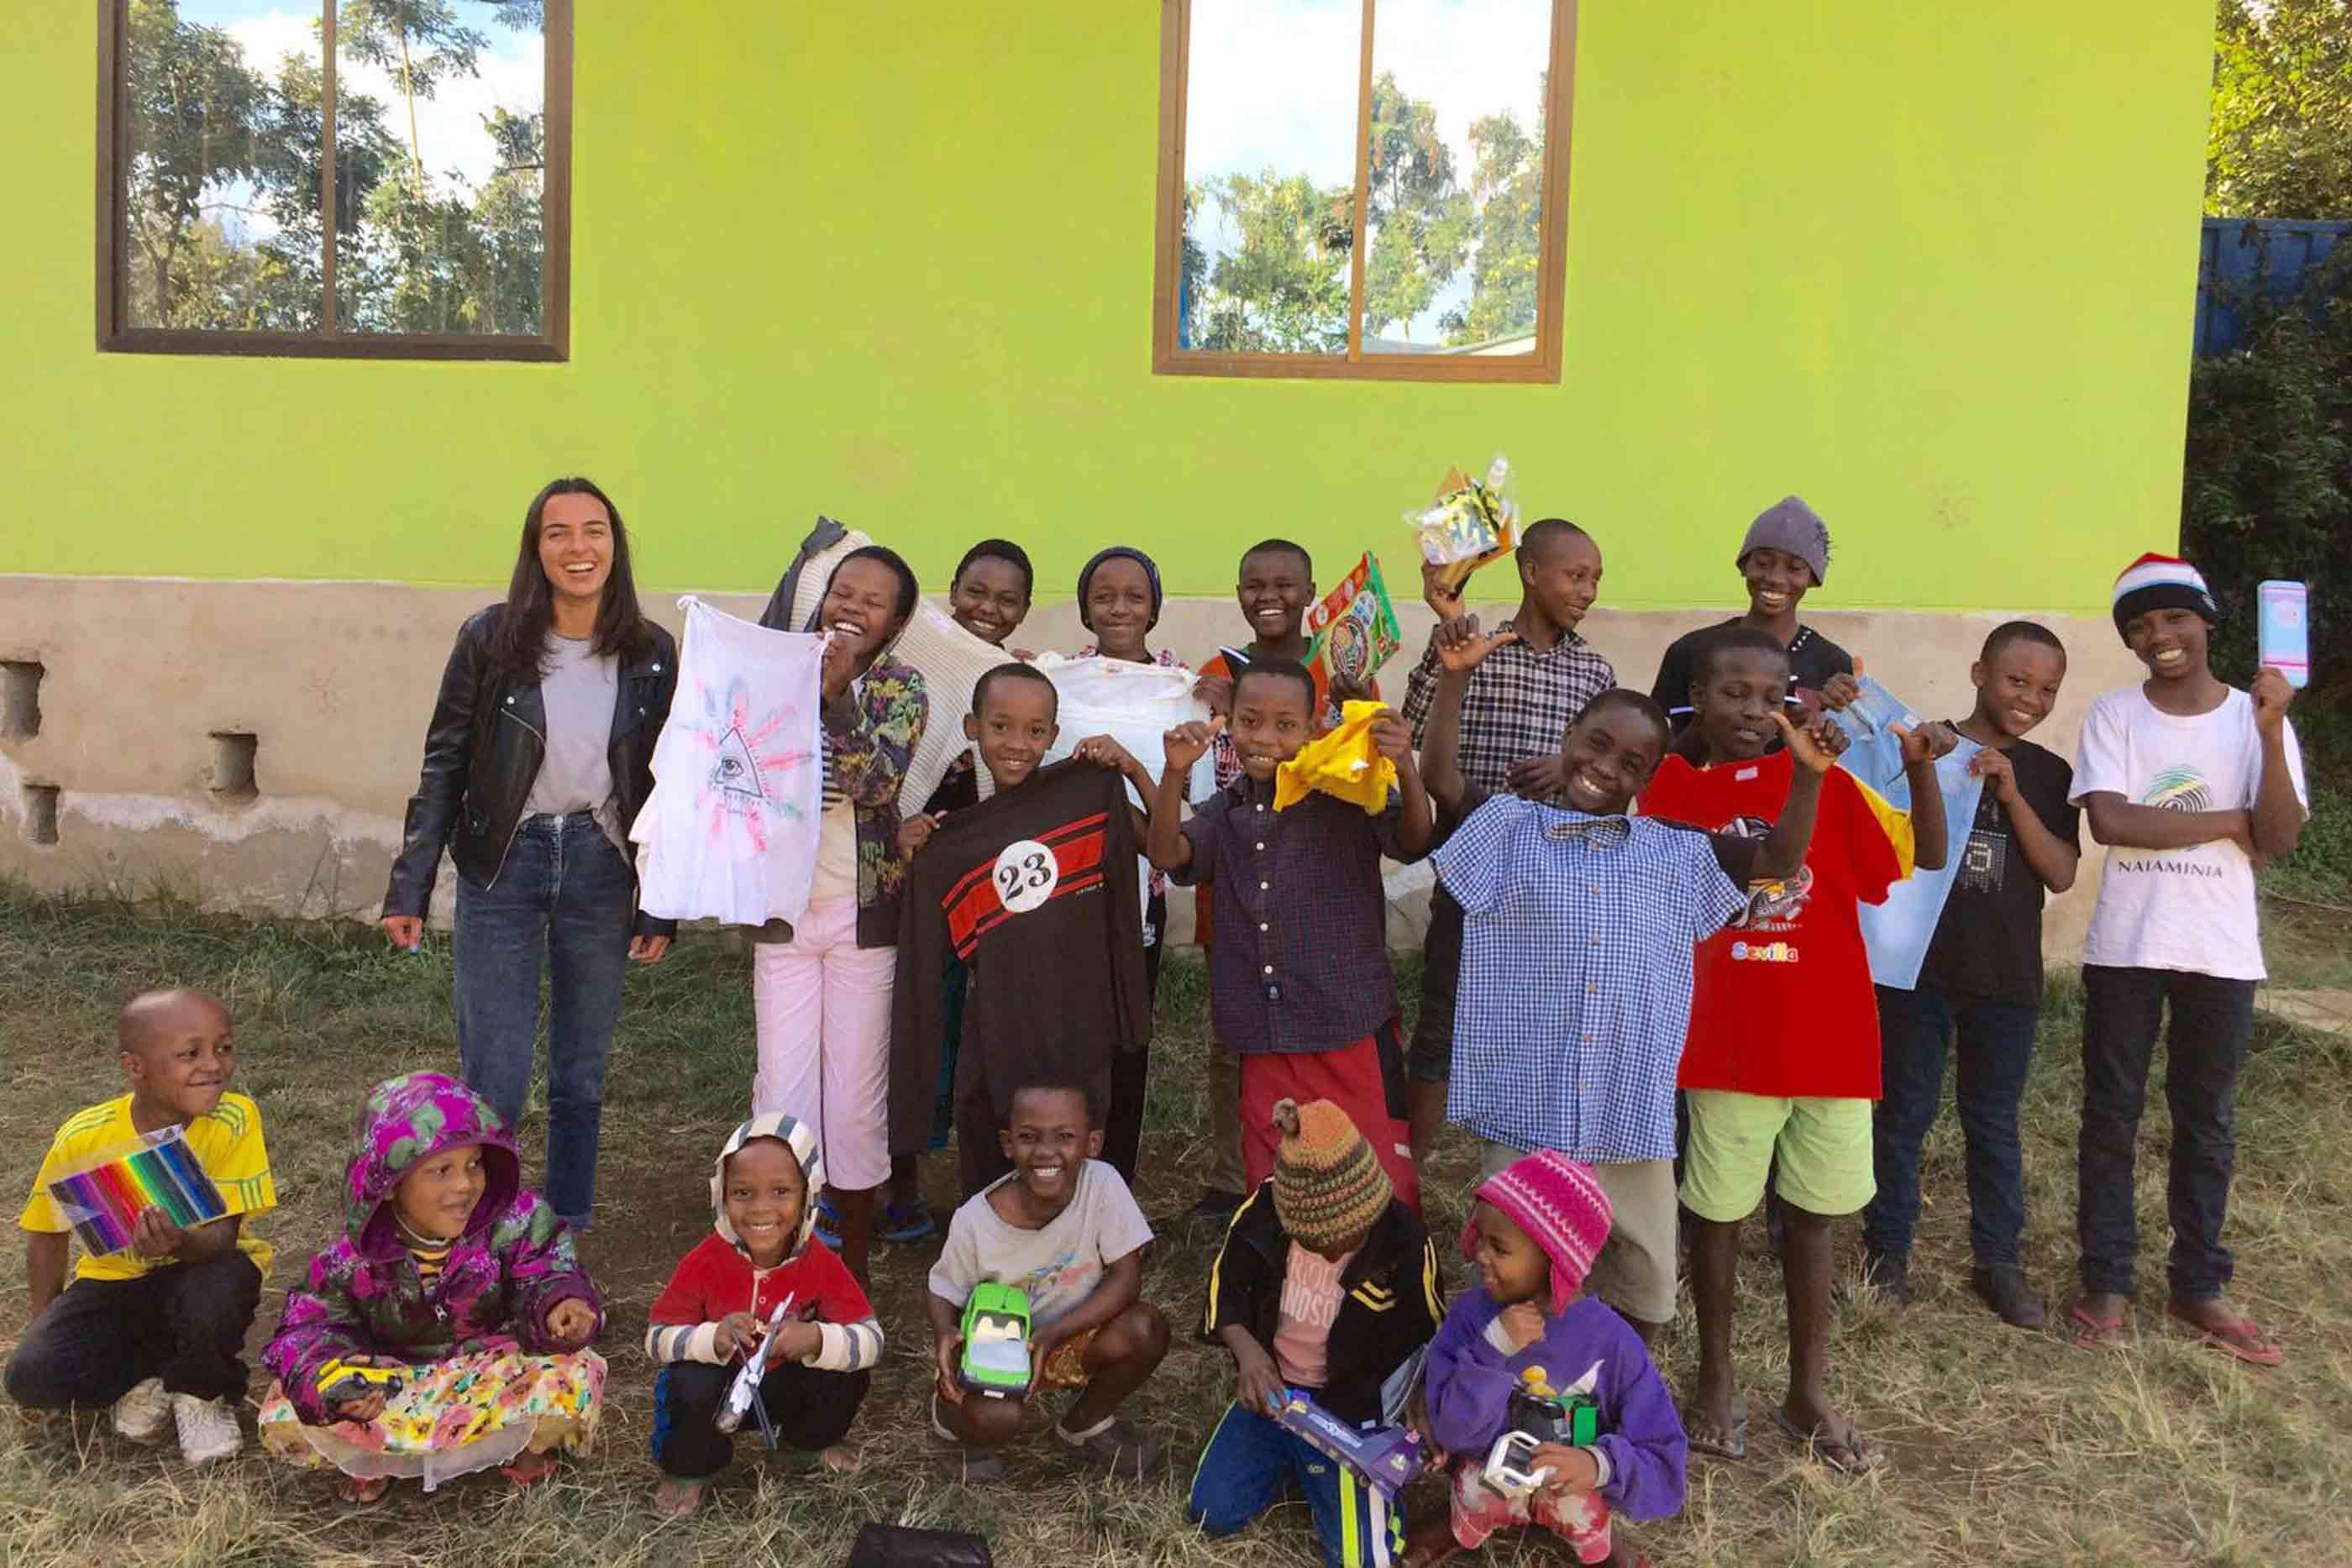 Grupo de crianças num orfanato da Tanzânia, juntamente com a voluntária Teresa.